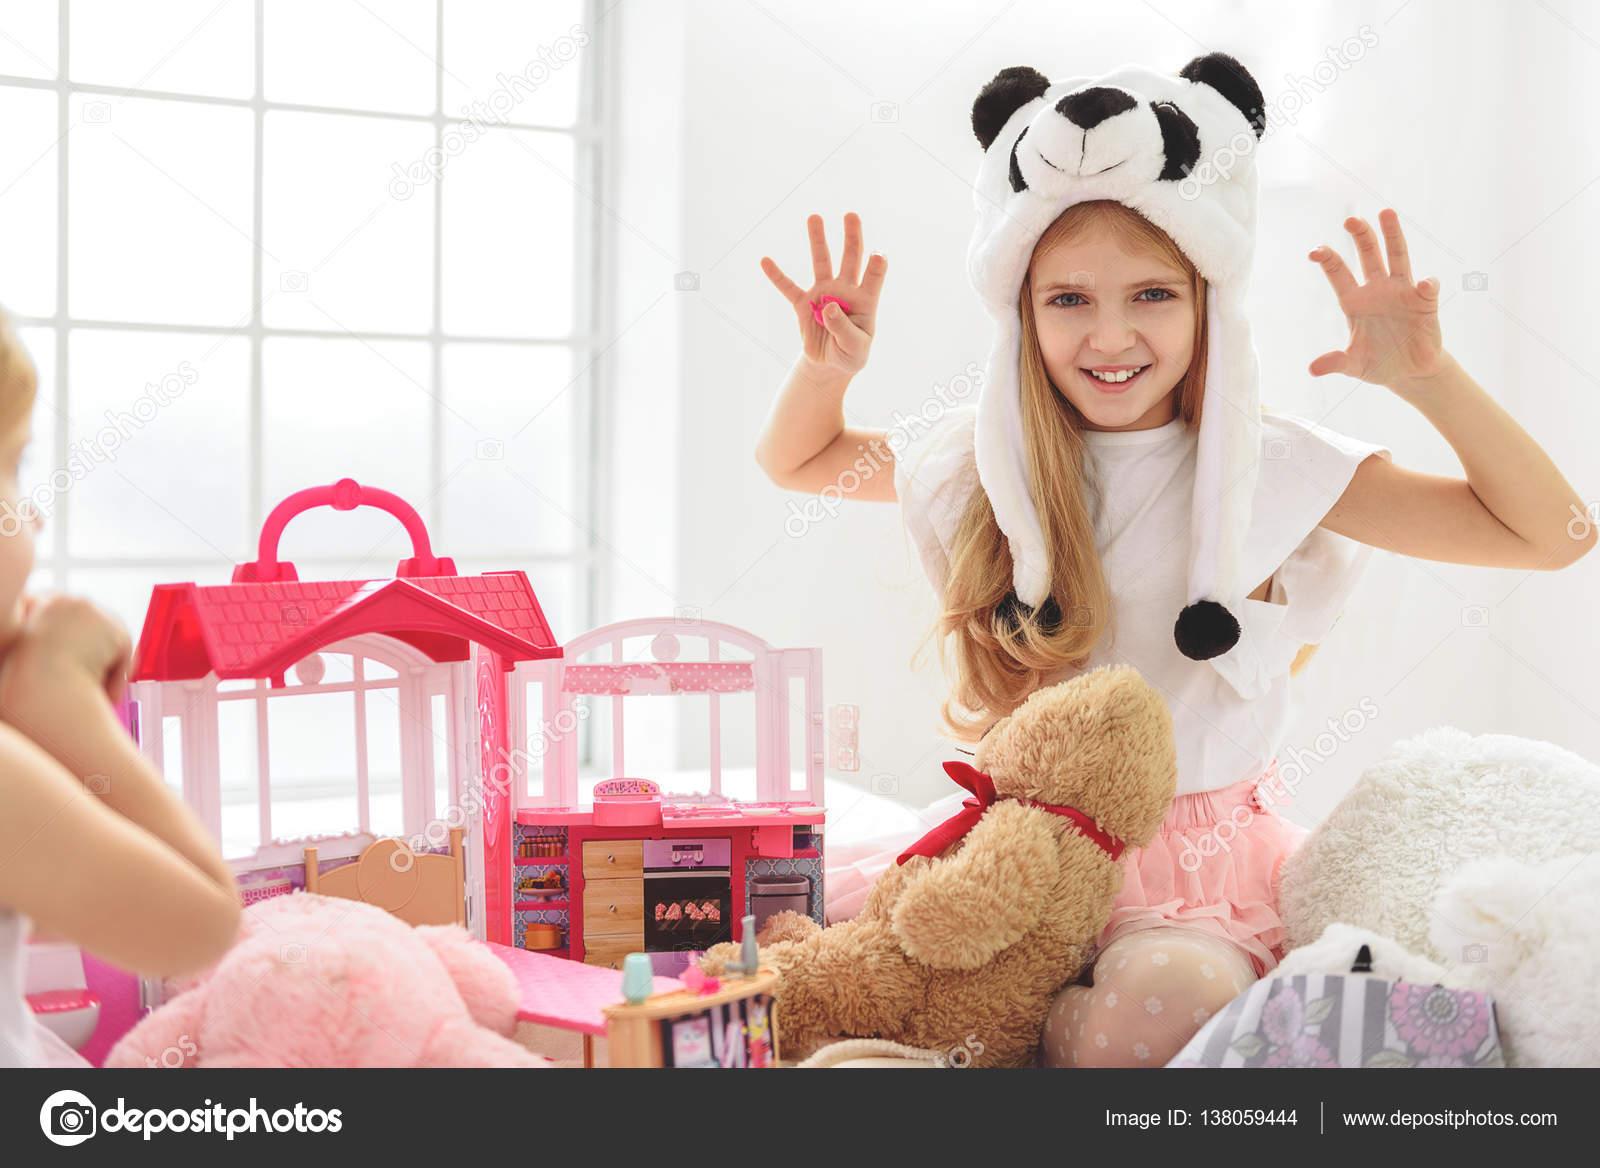 Сестра играла а он вставил ей, Сестра приклеилась к столу, а брат воспользовался этим 18 фотография